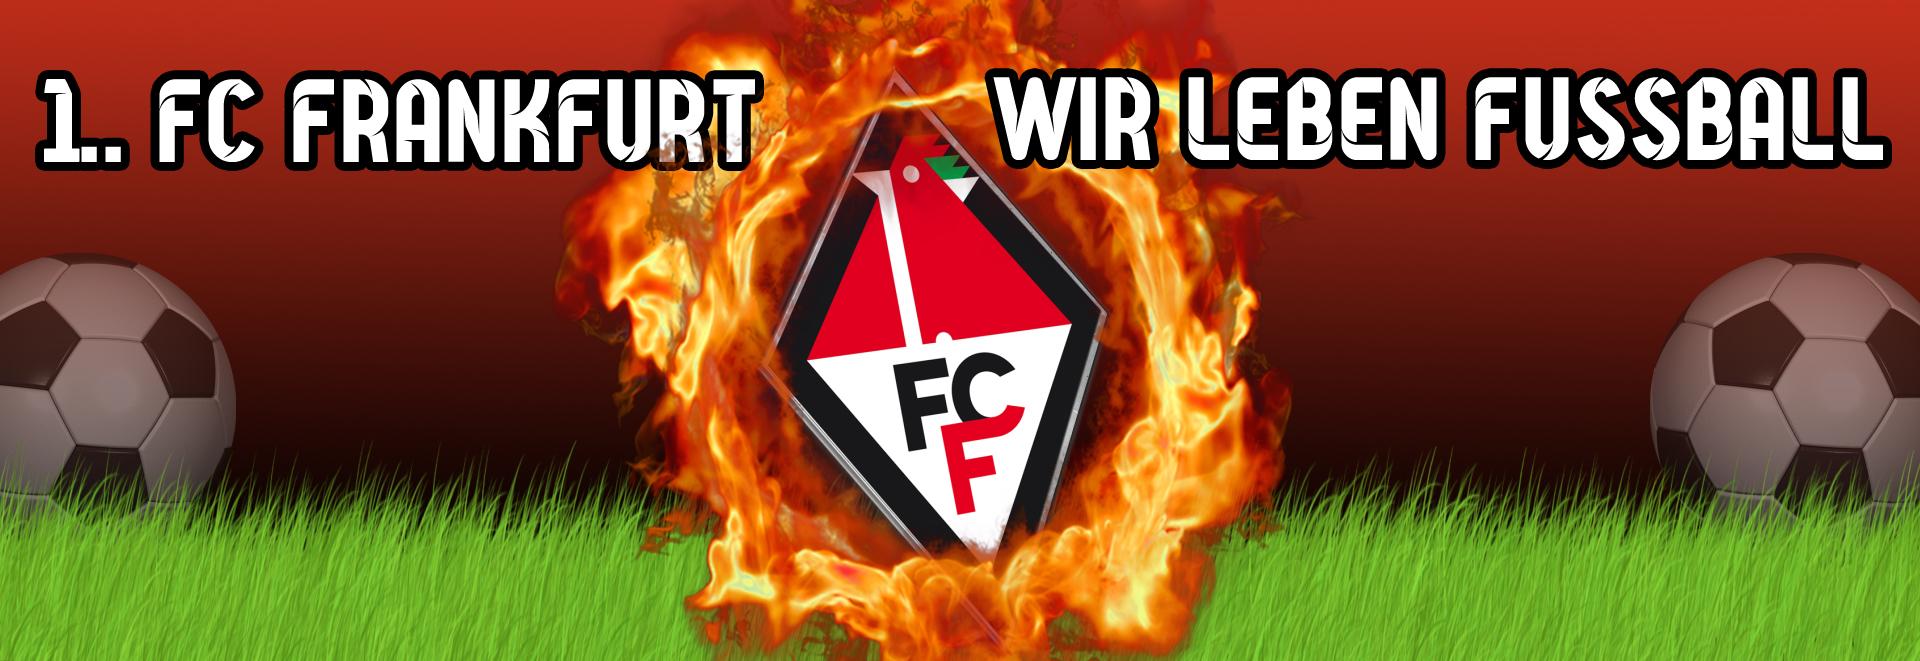 1. FC Frankfurt